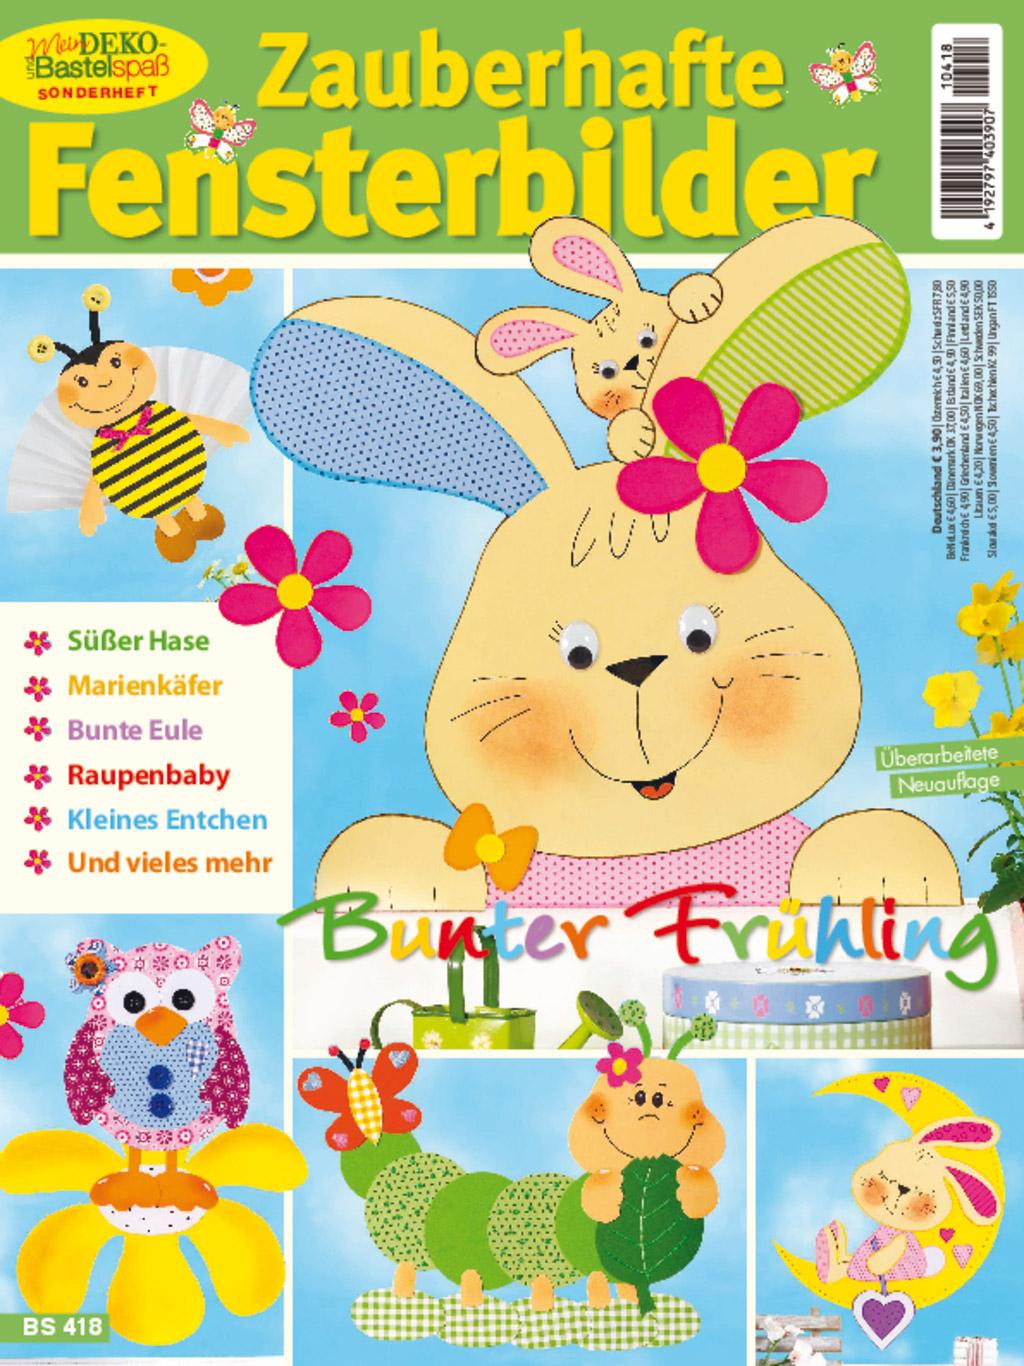 Mein Deko- und Bastelspaß Sonderheft NR. BS 418 - Bunter Frühling